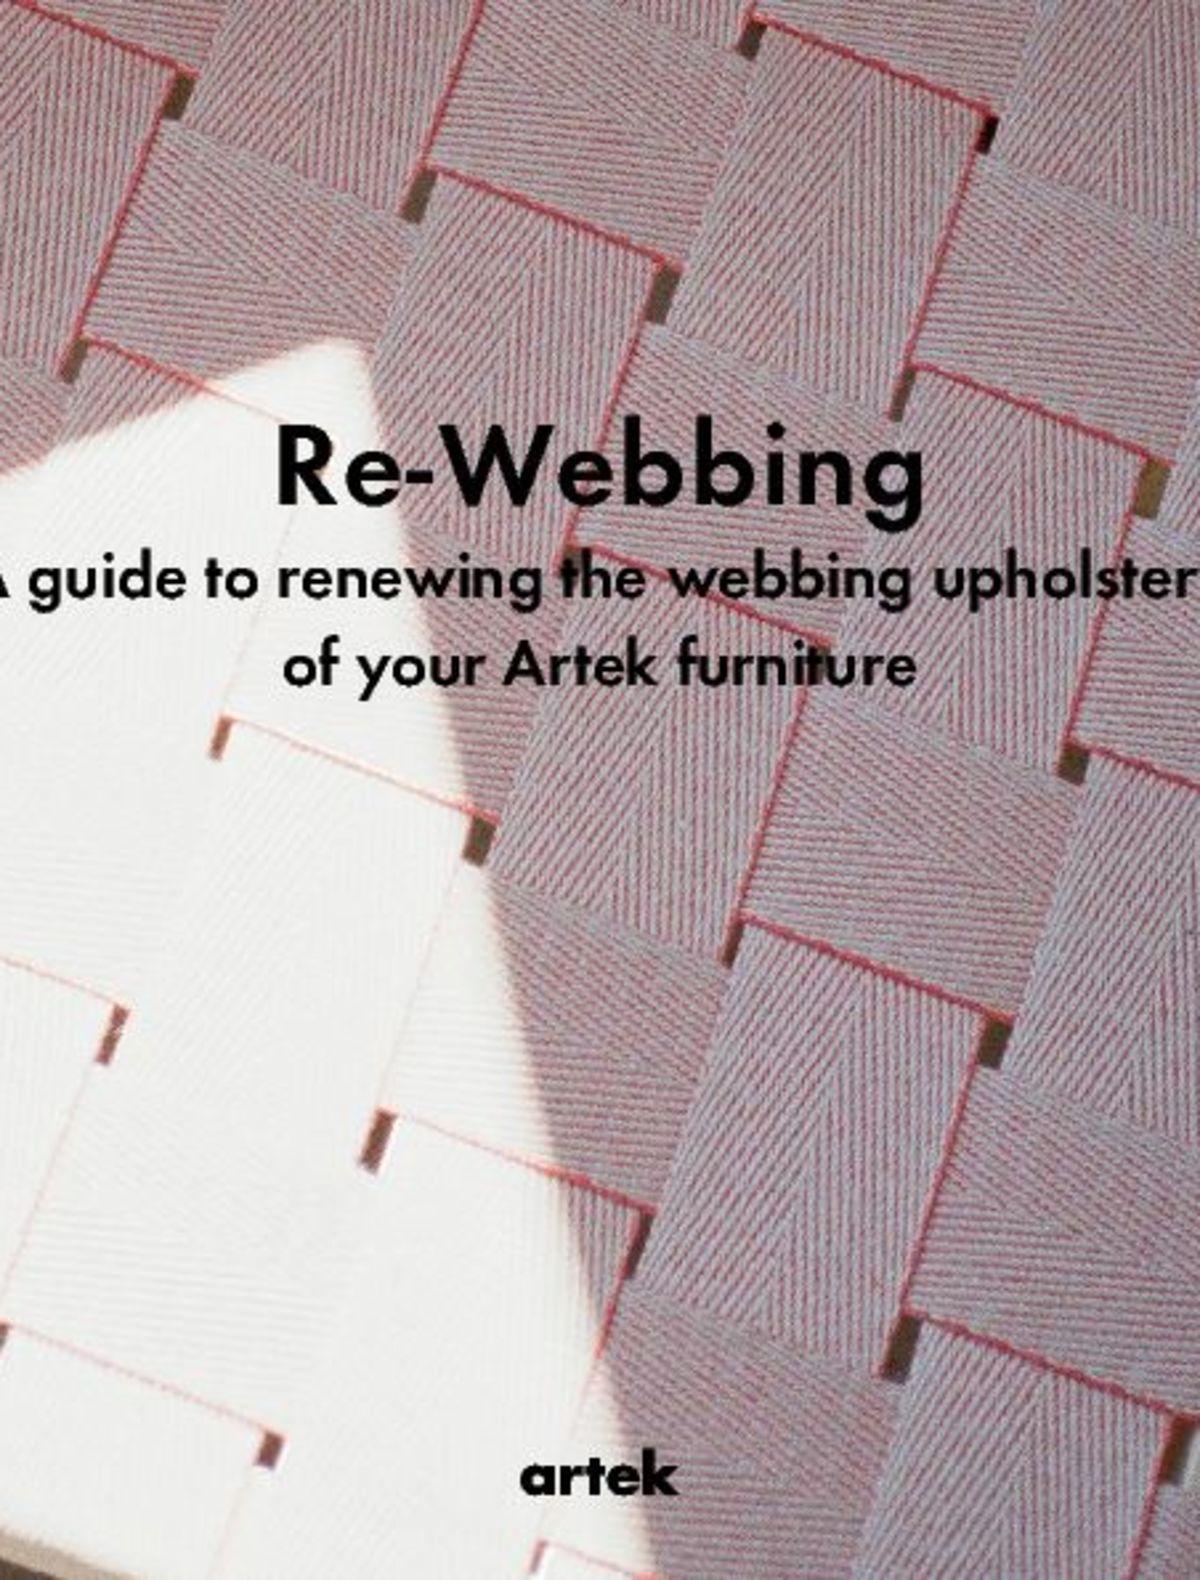 Artek Re-Webbing Guide